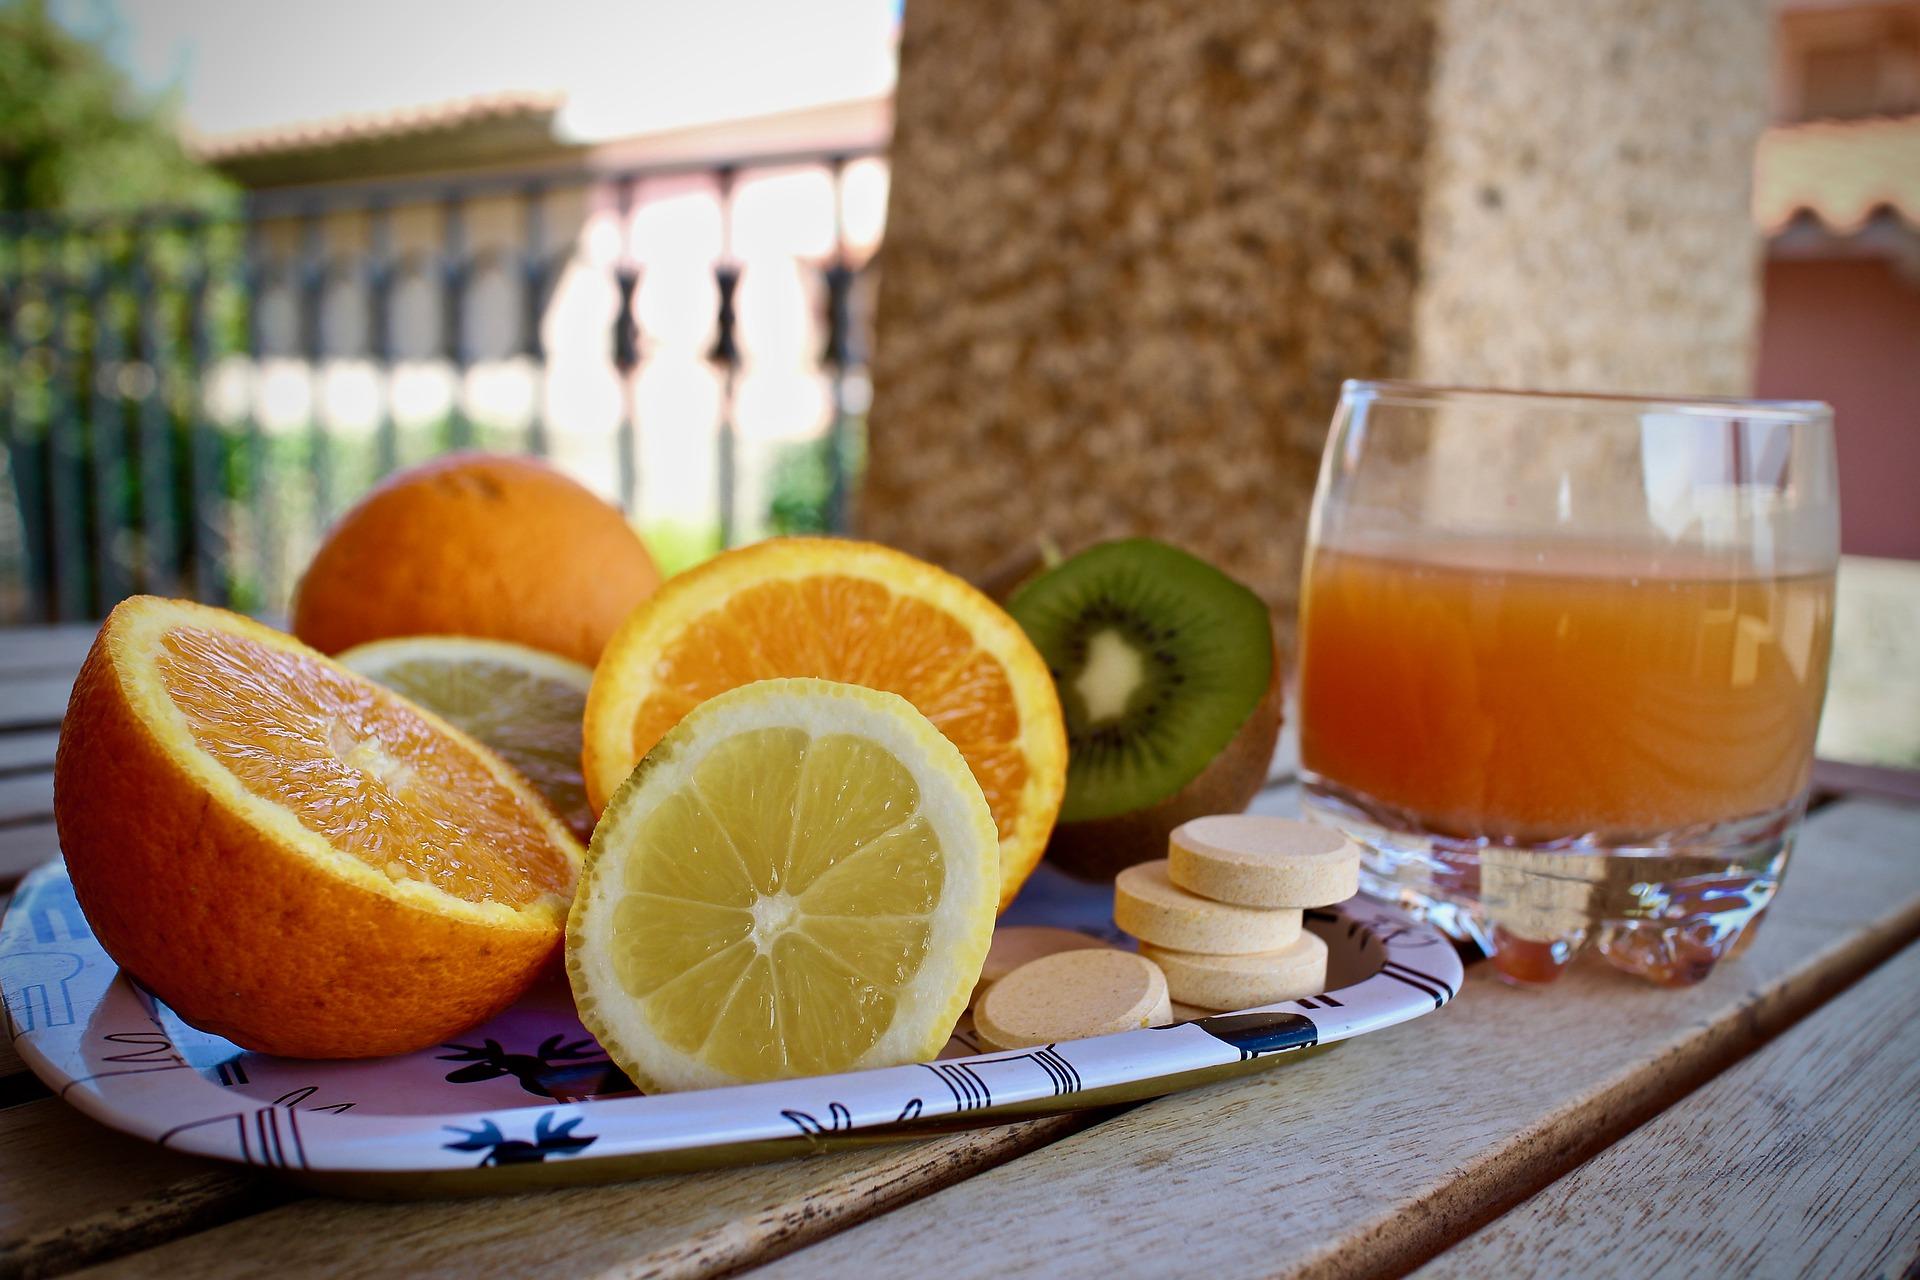 Vitamina C: essenziale per la salute fisica e mentale per 6 buoni motivi